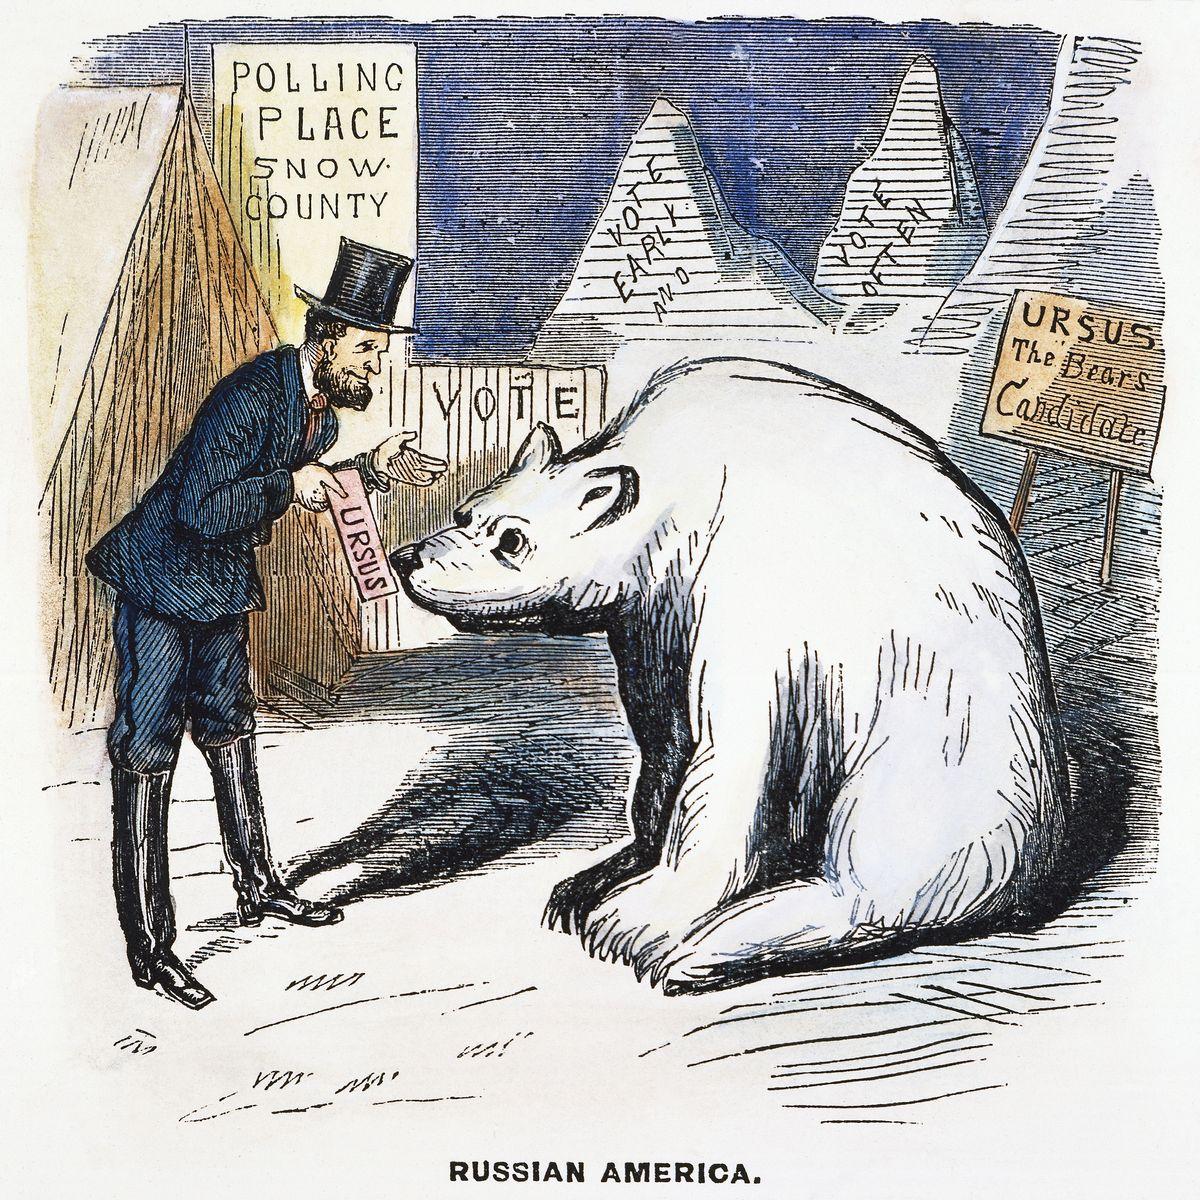 Als die USA Alaska von Russland kauften: Schatzkammer zum Schnäppchenpreis